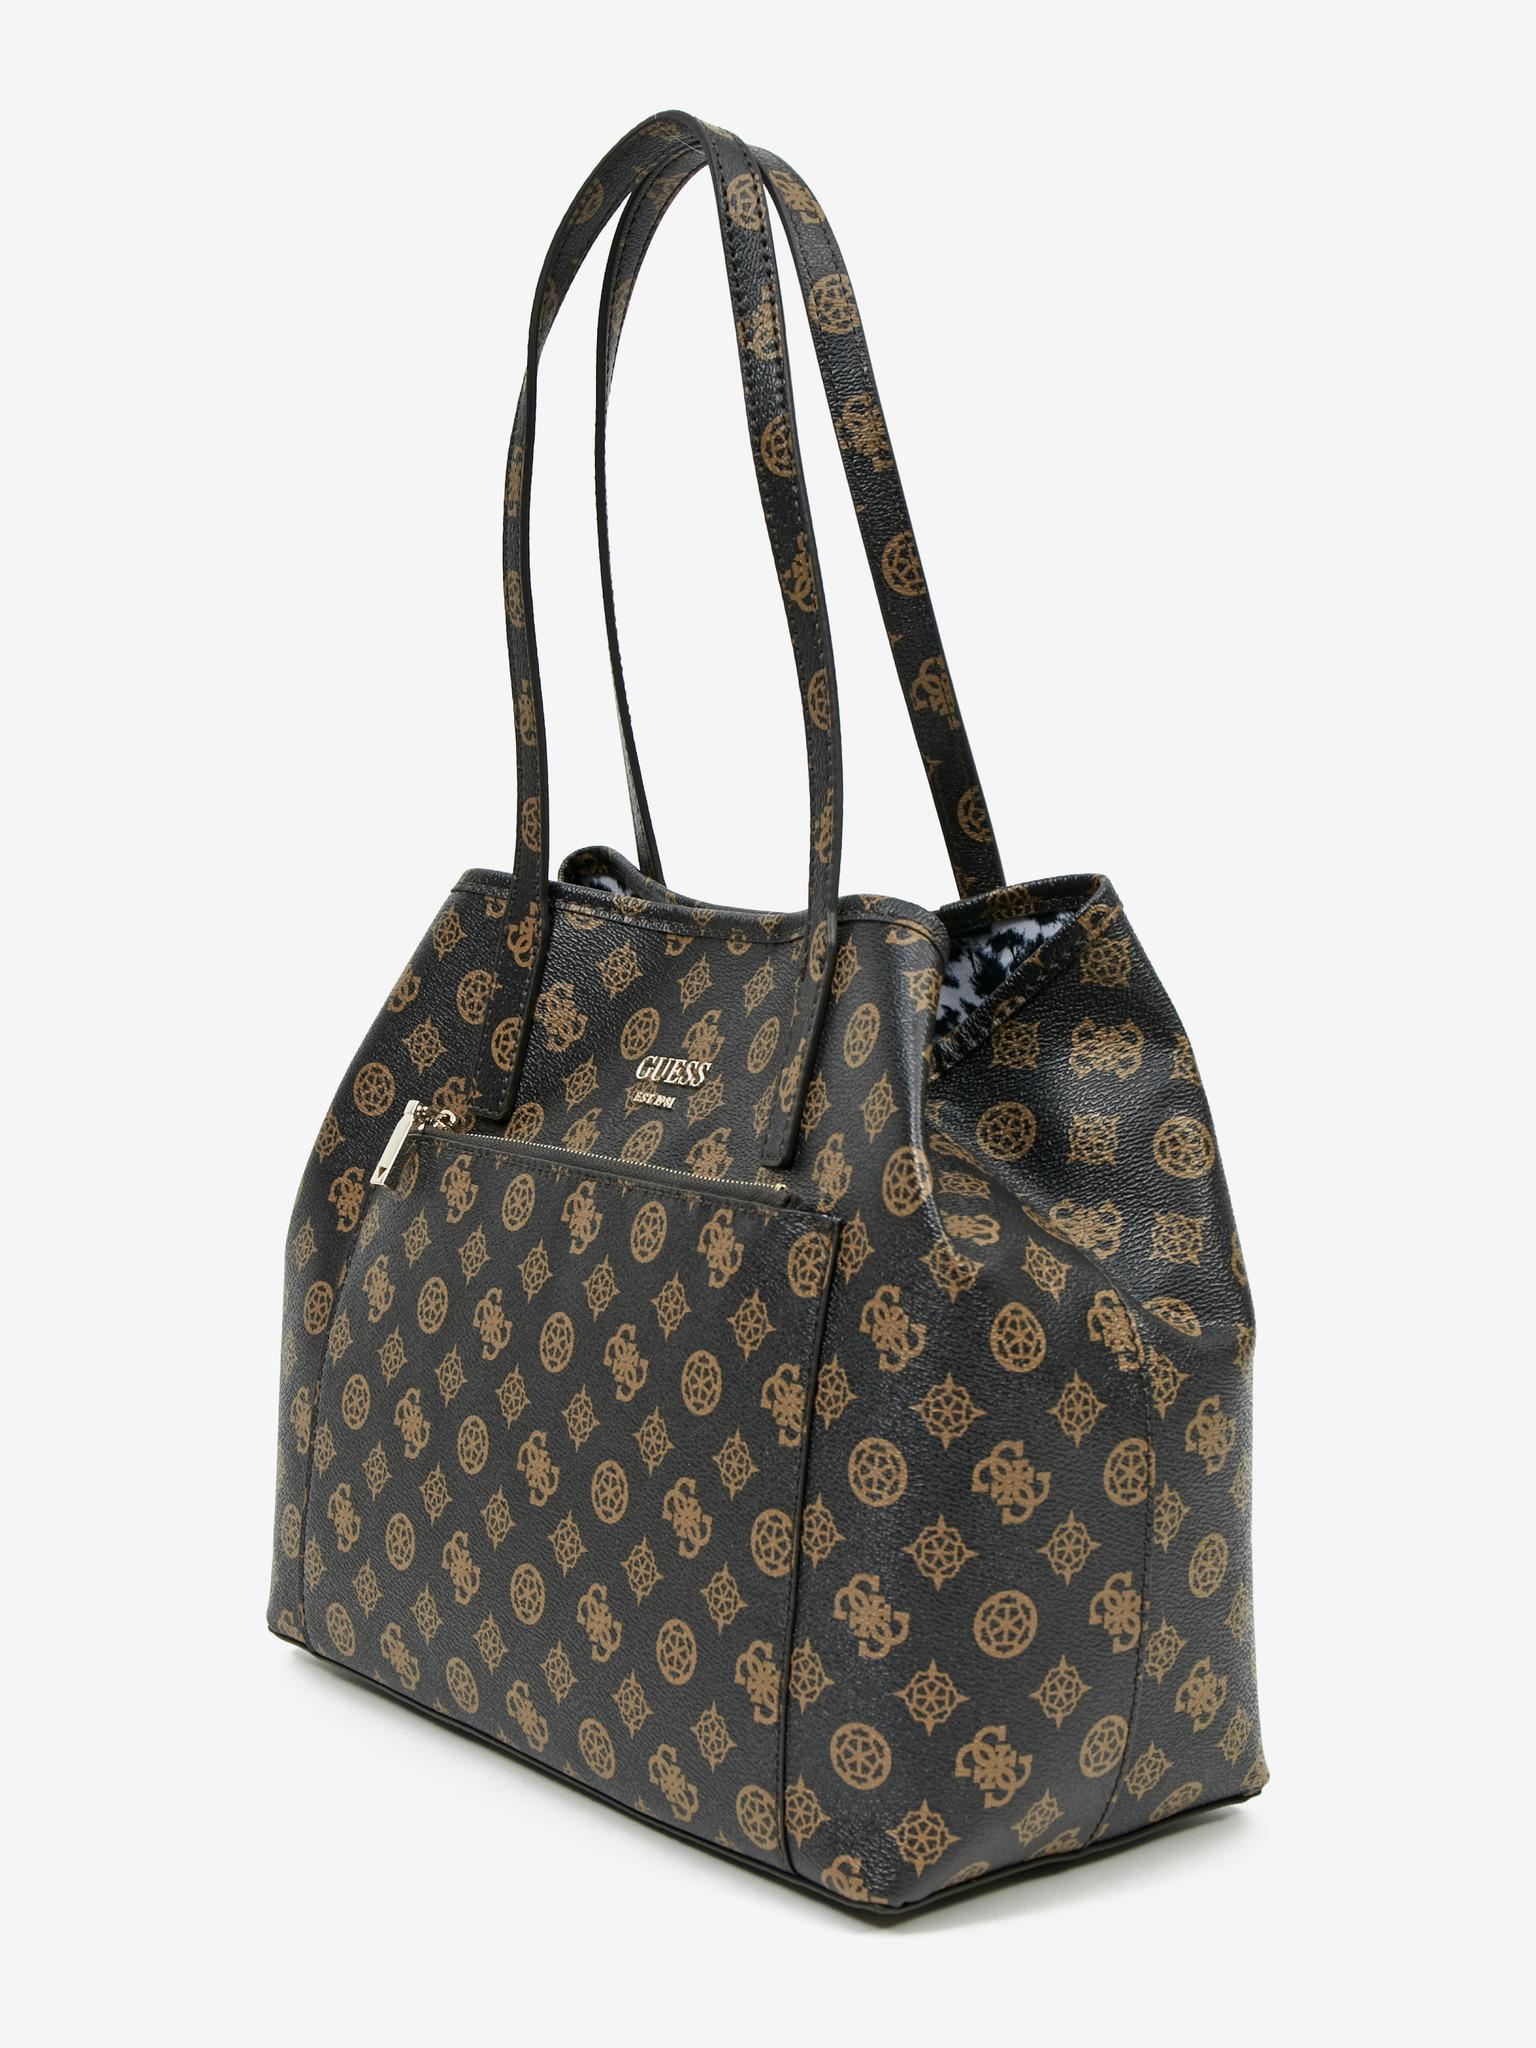 Guess brown handbag Vikky Roo